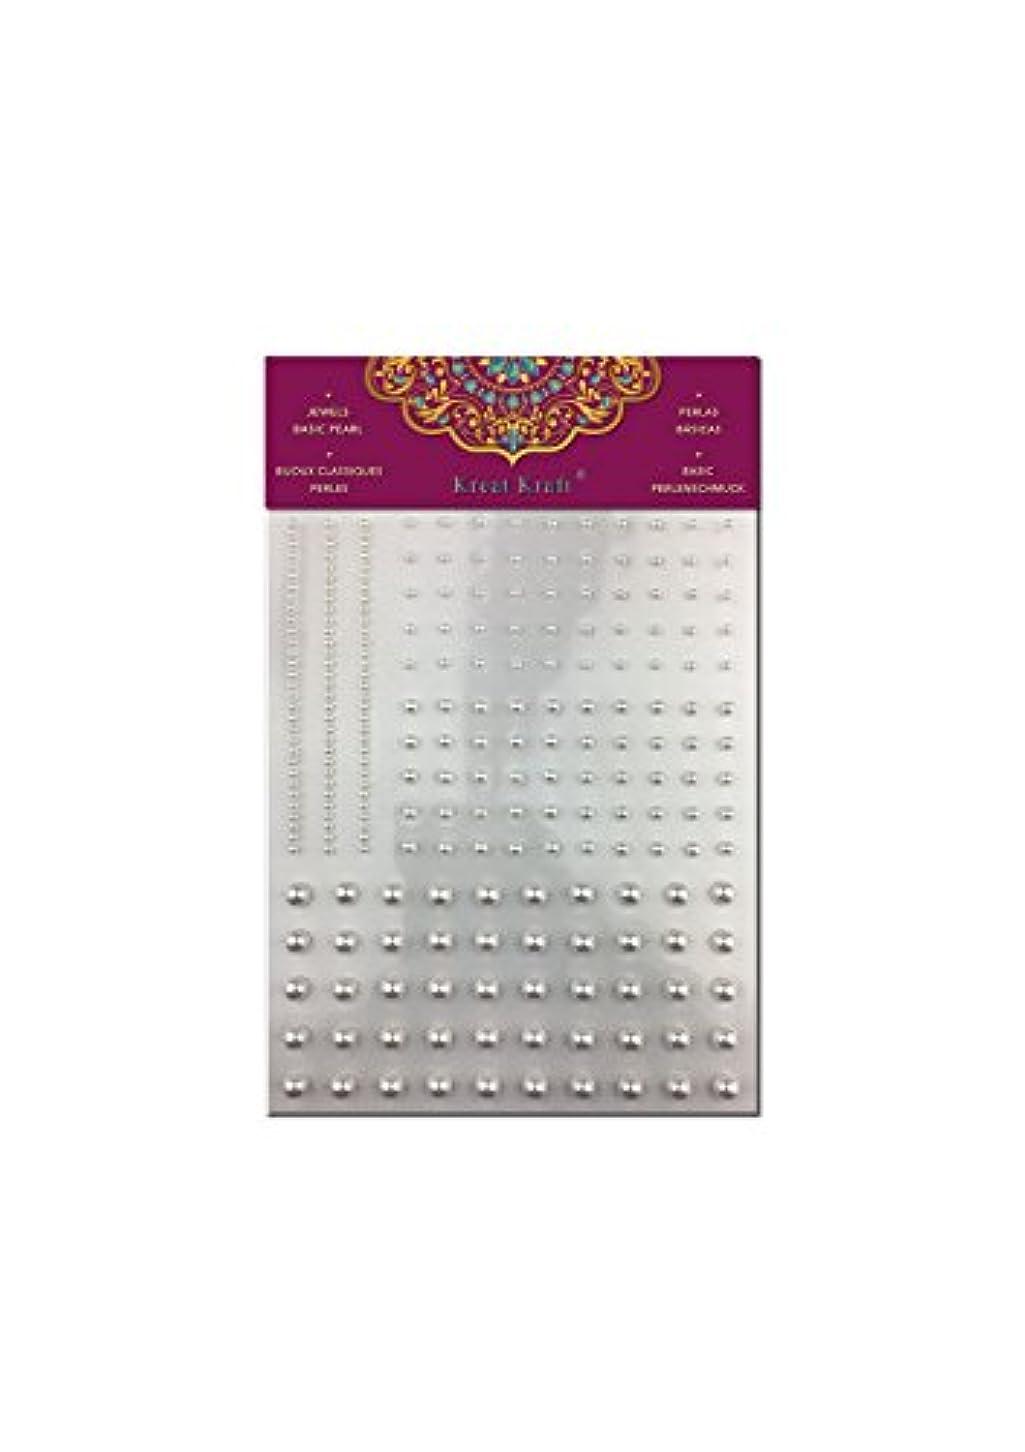 スラム冷蔵庫面積接着剤塗布済み シール付き パール シール:2mm50粒;4mm50粒;5mm50粒および長さ7cmの2mmラインストーンチェーン3本